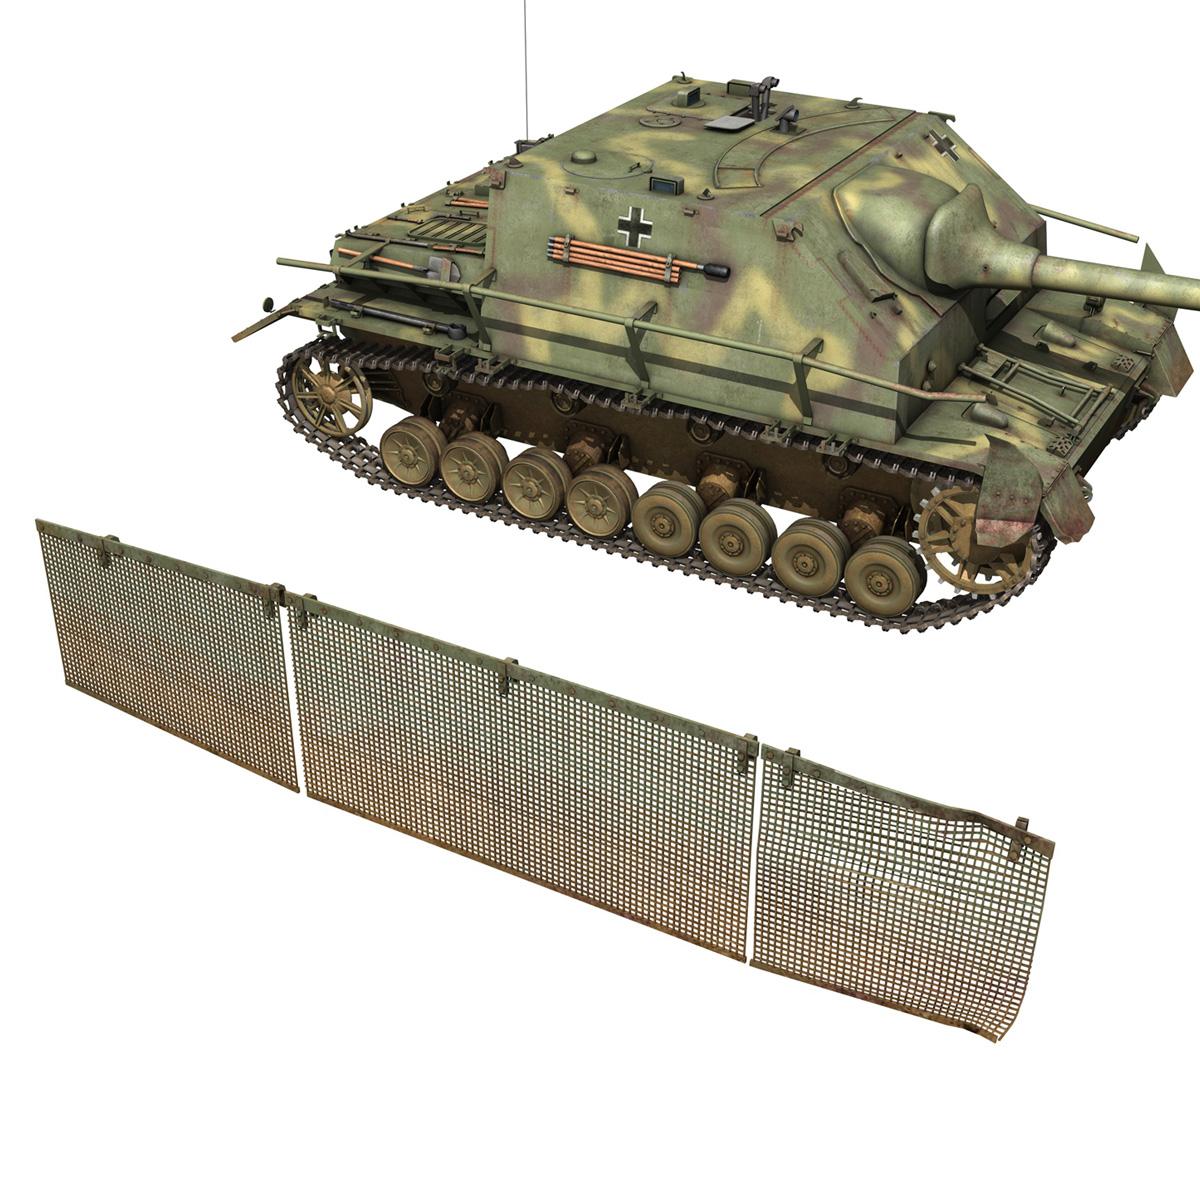 jagdpanzer iv l/70 (a) 3d model 3ds fbx c4d obj 200836